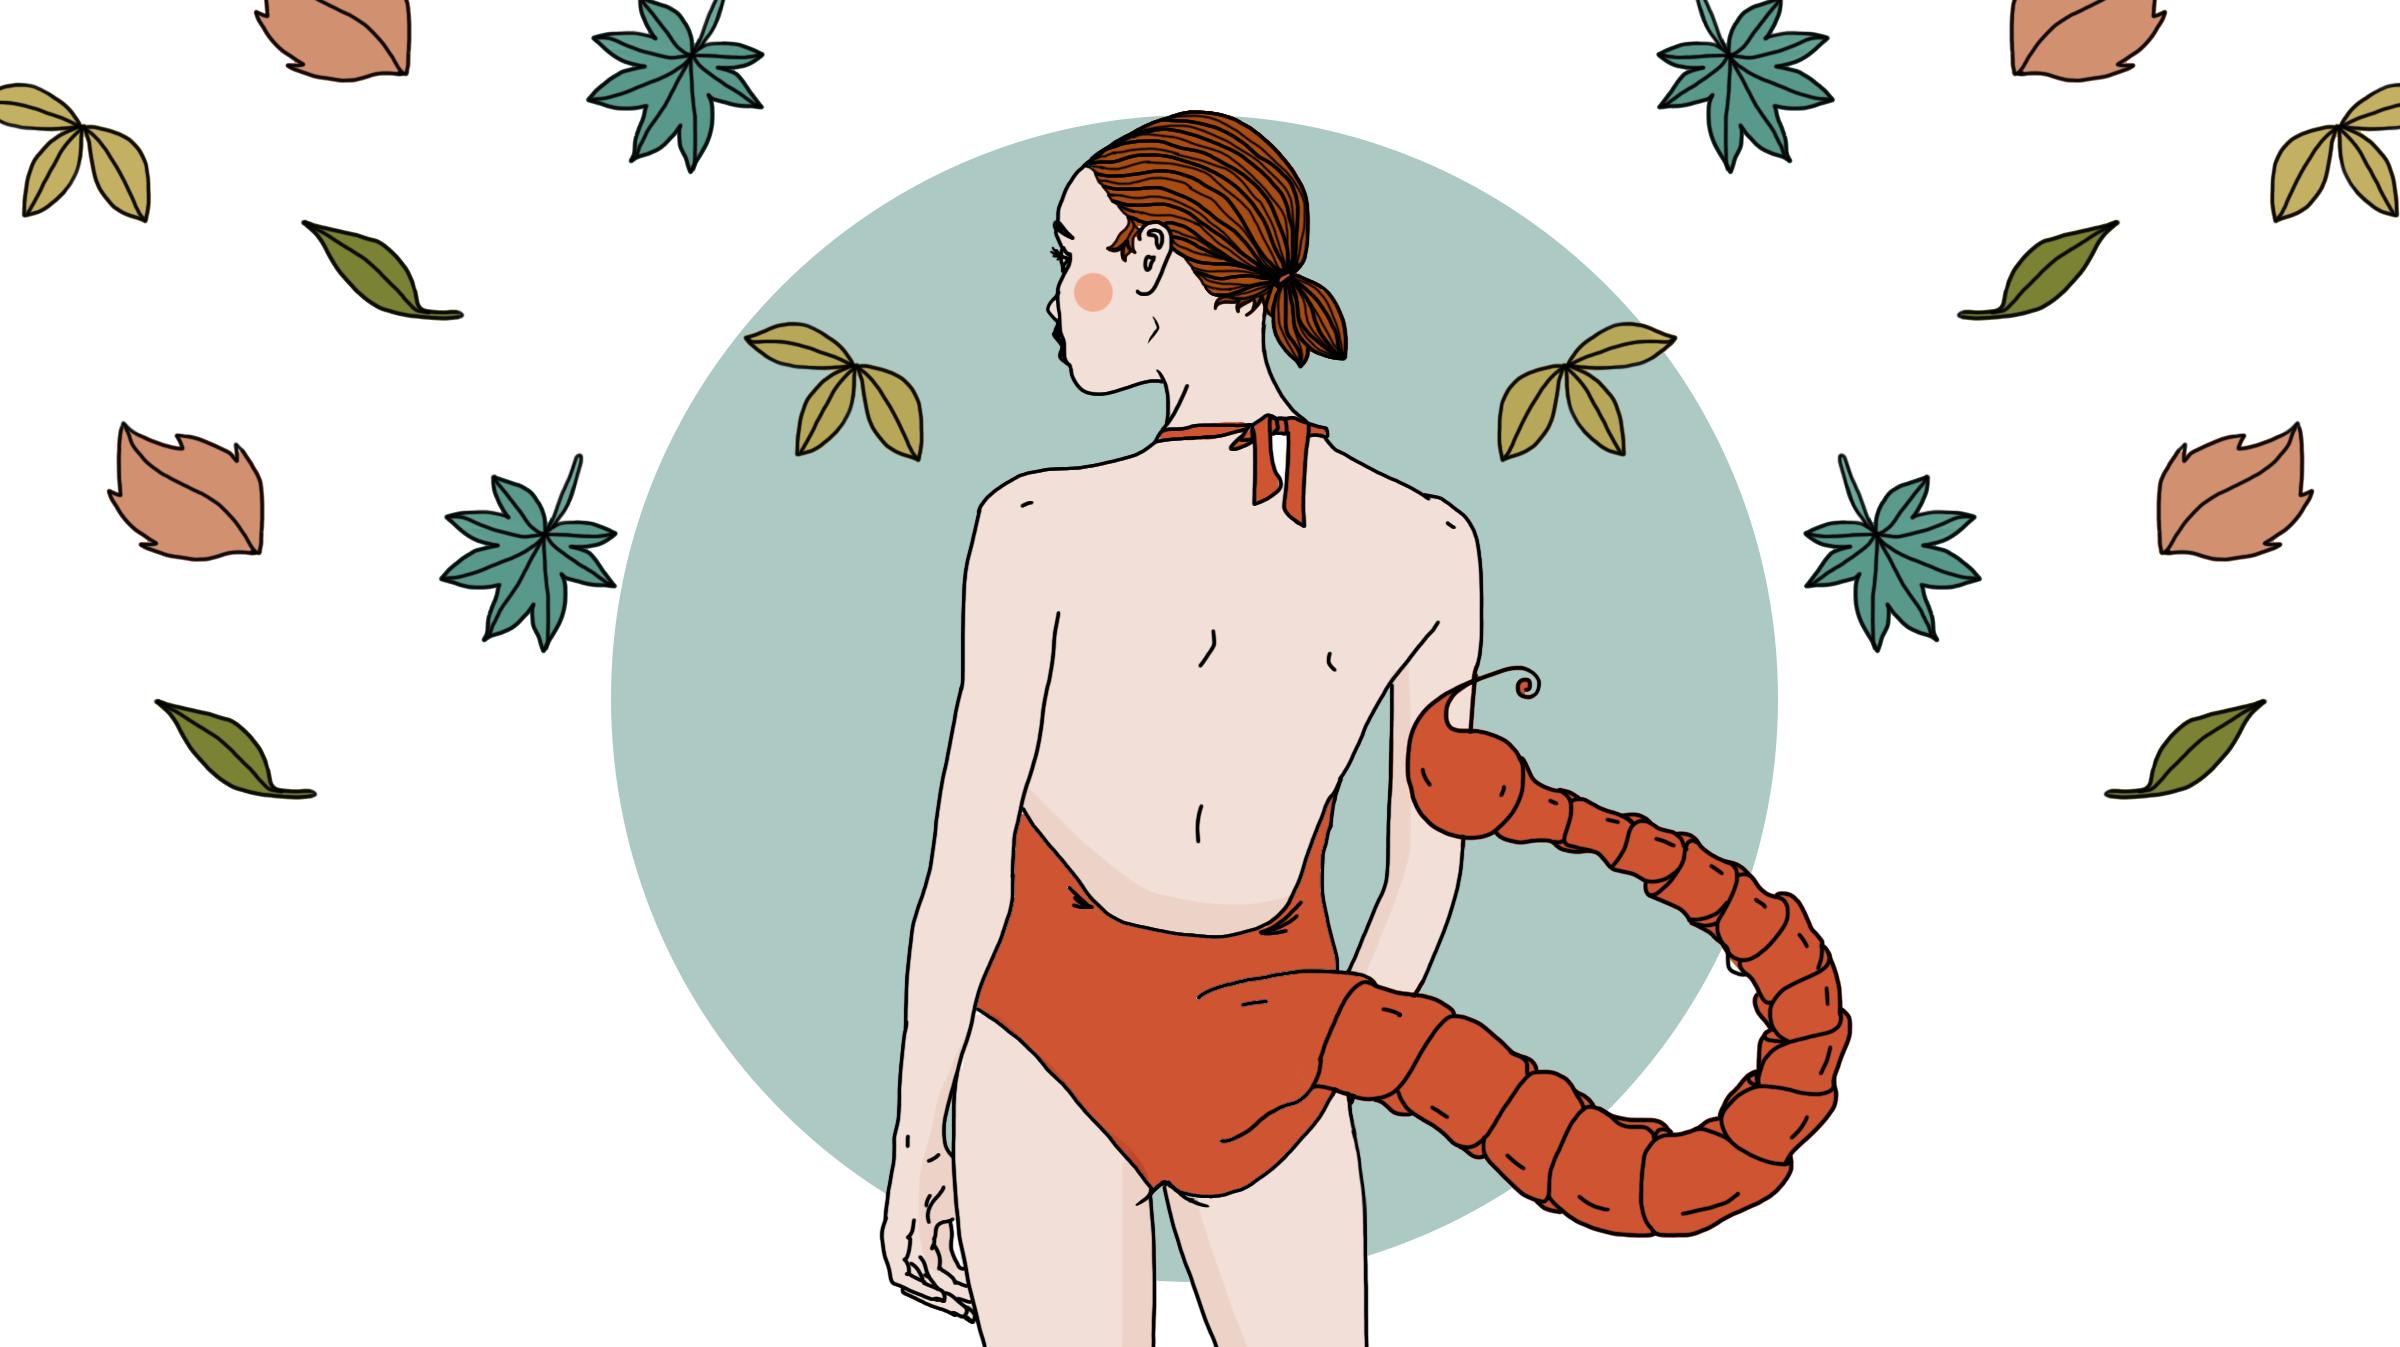 CLAUDETTE: When a scorpio woman ignores you